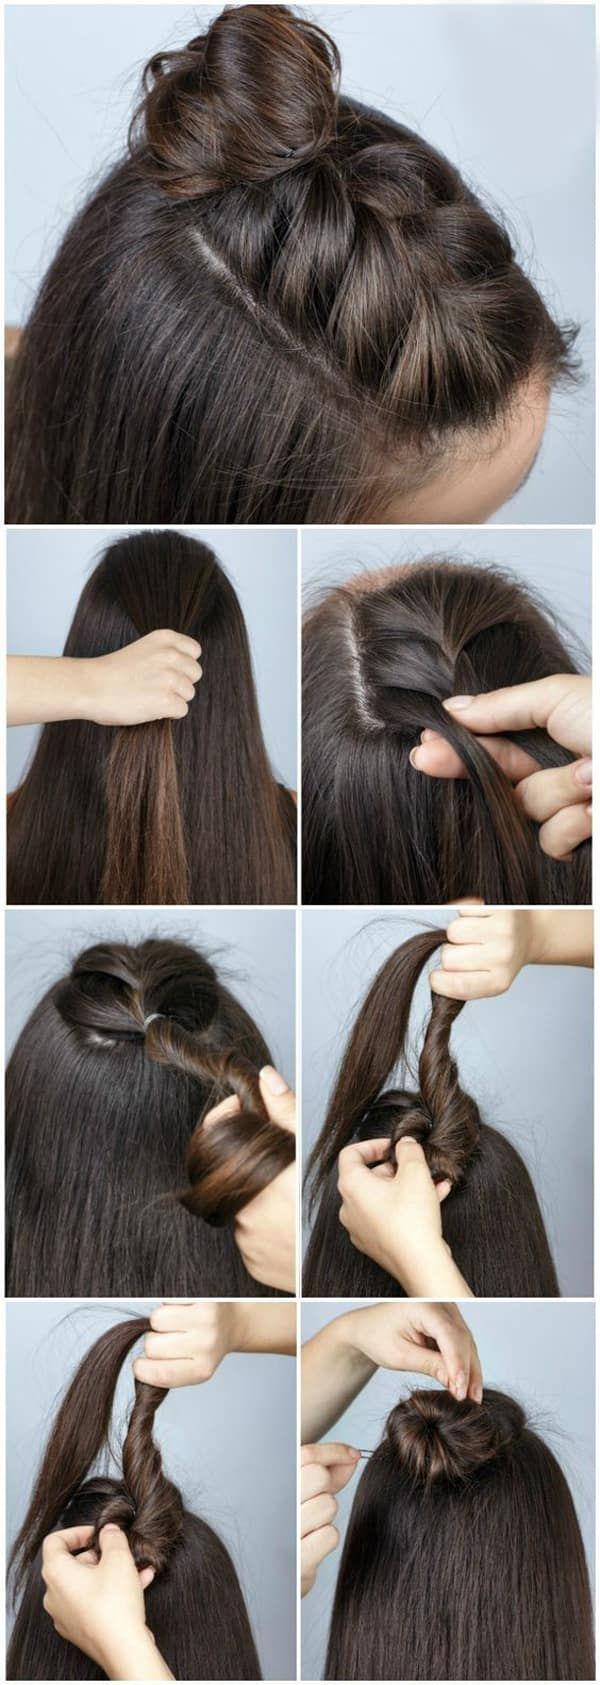 Повседневные прически для длинных, коротких и средних волос - разнообразные идеи и фото уроки. Большая коллекция стильных и лёгких причёсок на <em>самолет</em> каждый день